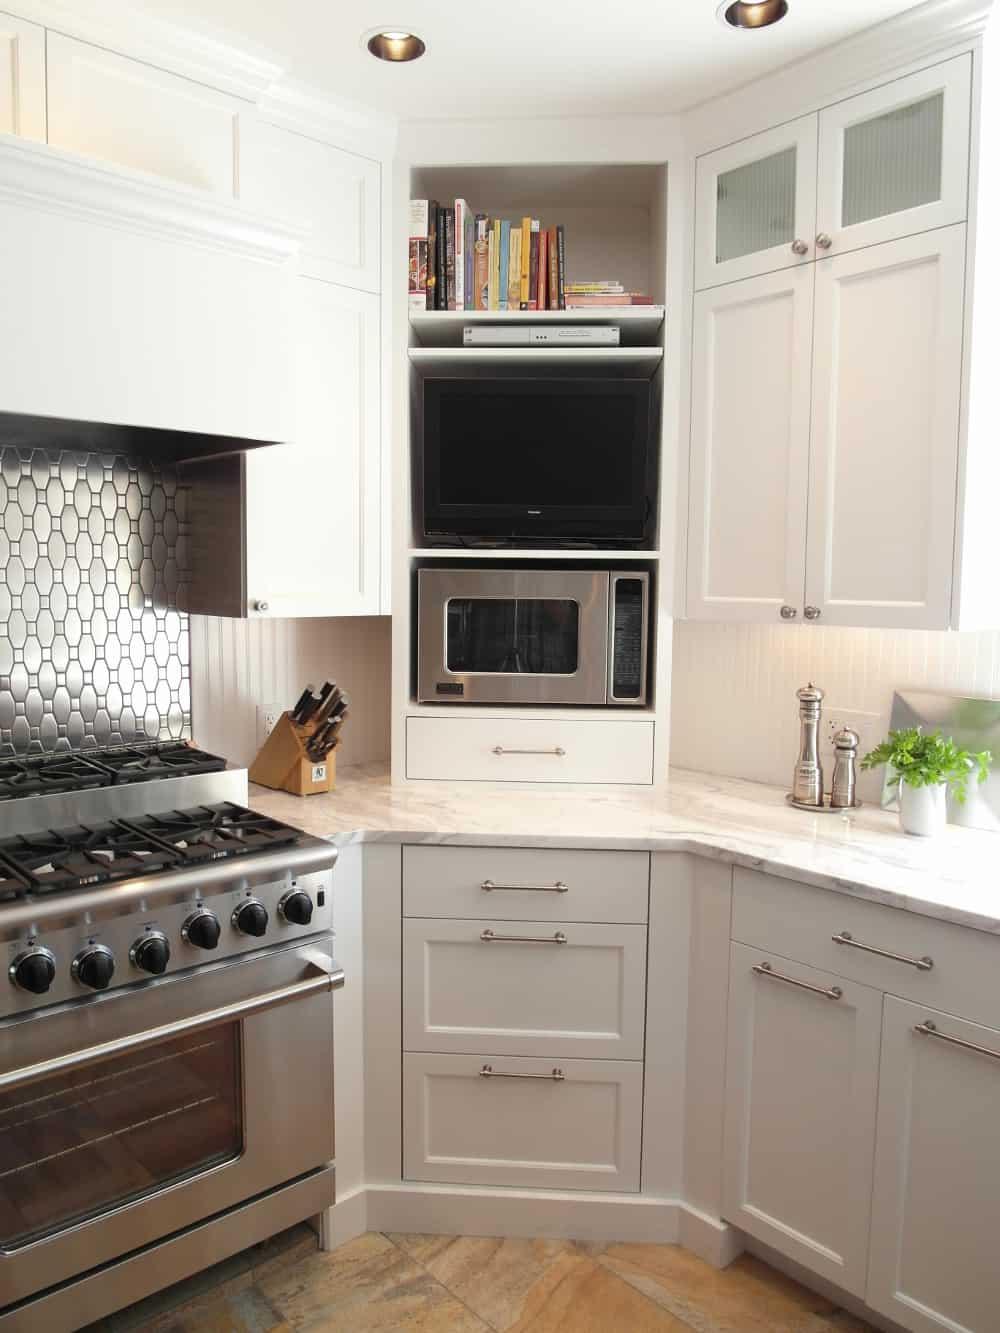 baugh.kitchen 050